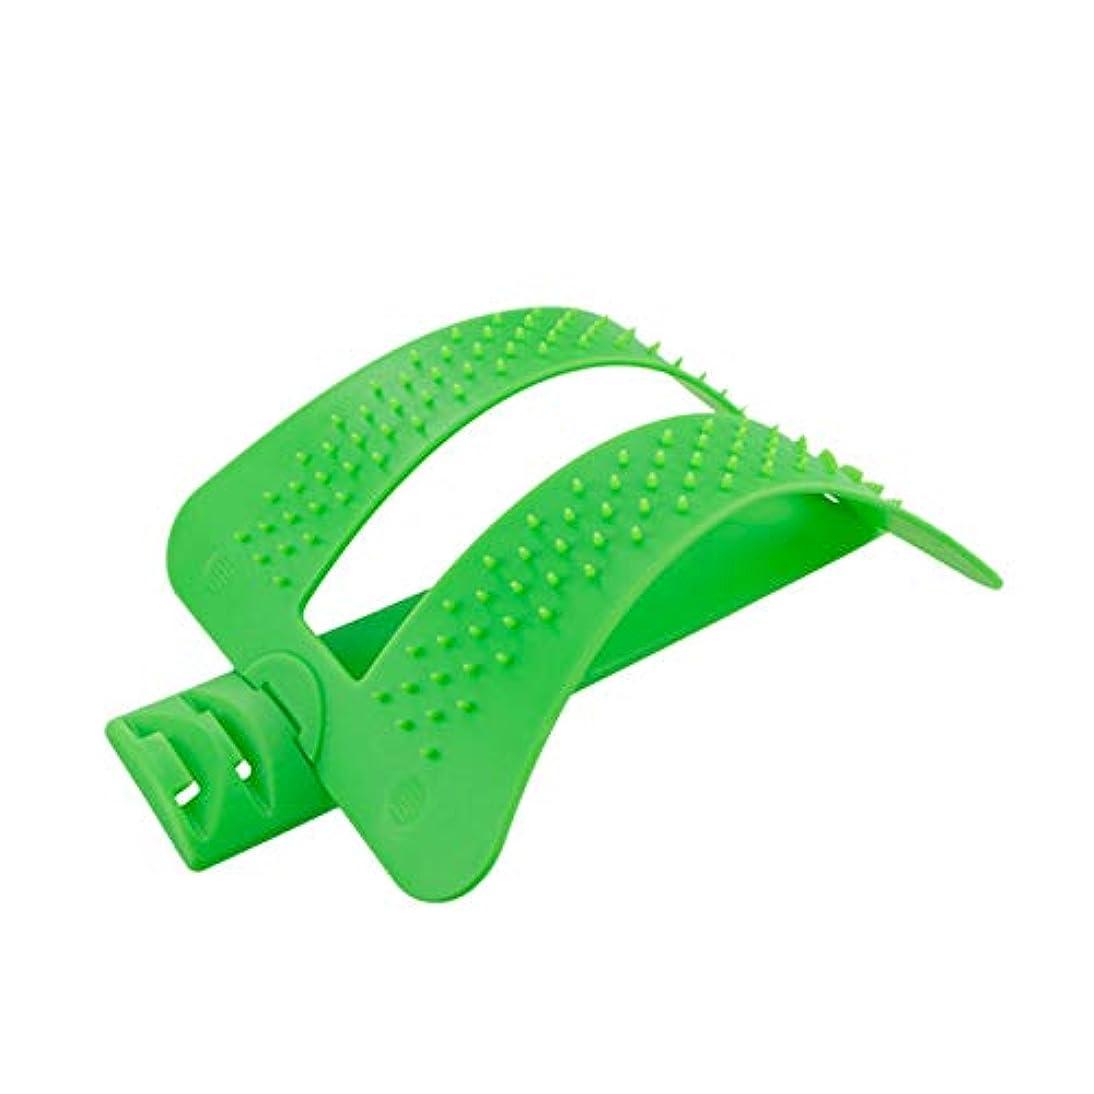 飛躍コーンモーターSODIAL 背中のマッサージストレッチング装置 背中のマッサージ 指圧ストレッチャーフィットネス機器 ストレッチリラックス メイトストレッチャー腰椎サポート 脊椎の痛みを和らげるカイロプラクティック(グリーン)